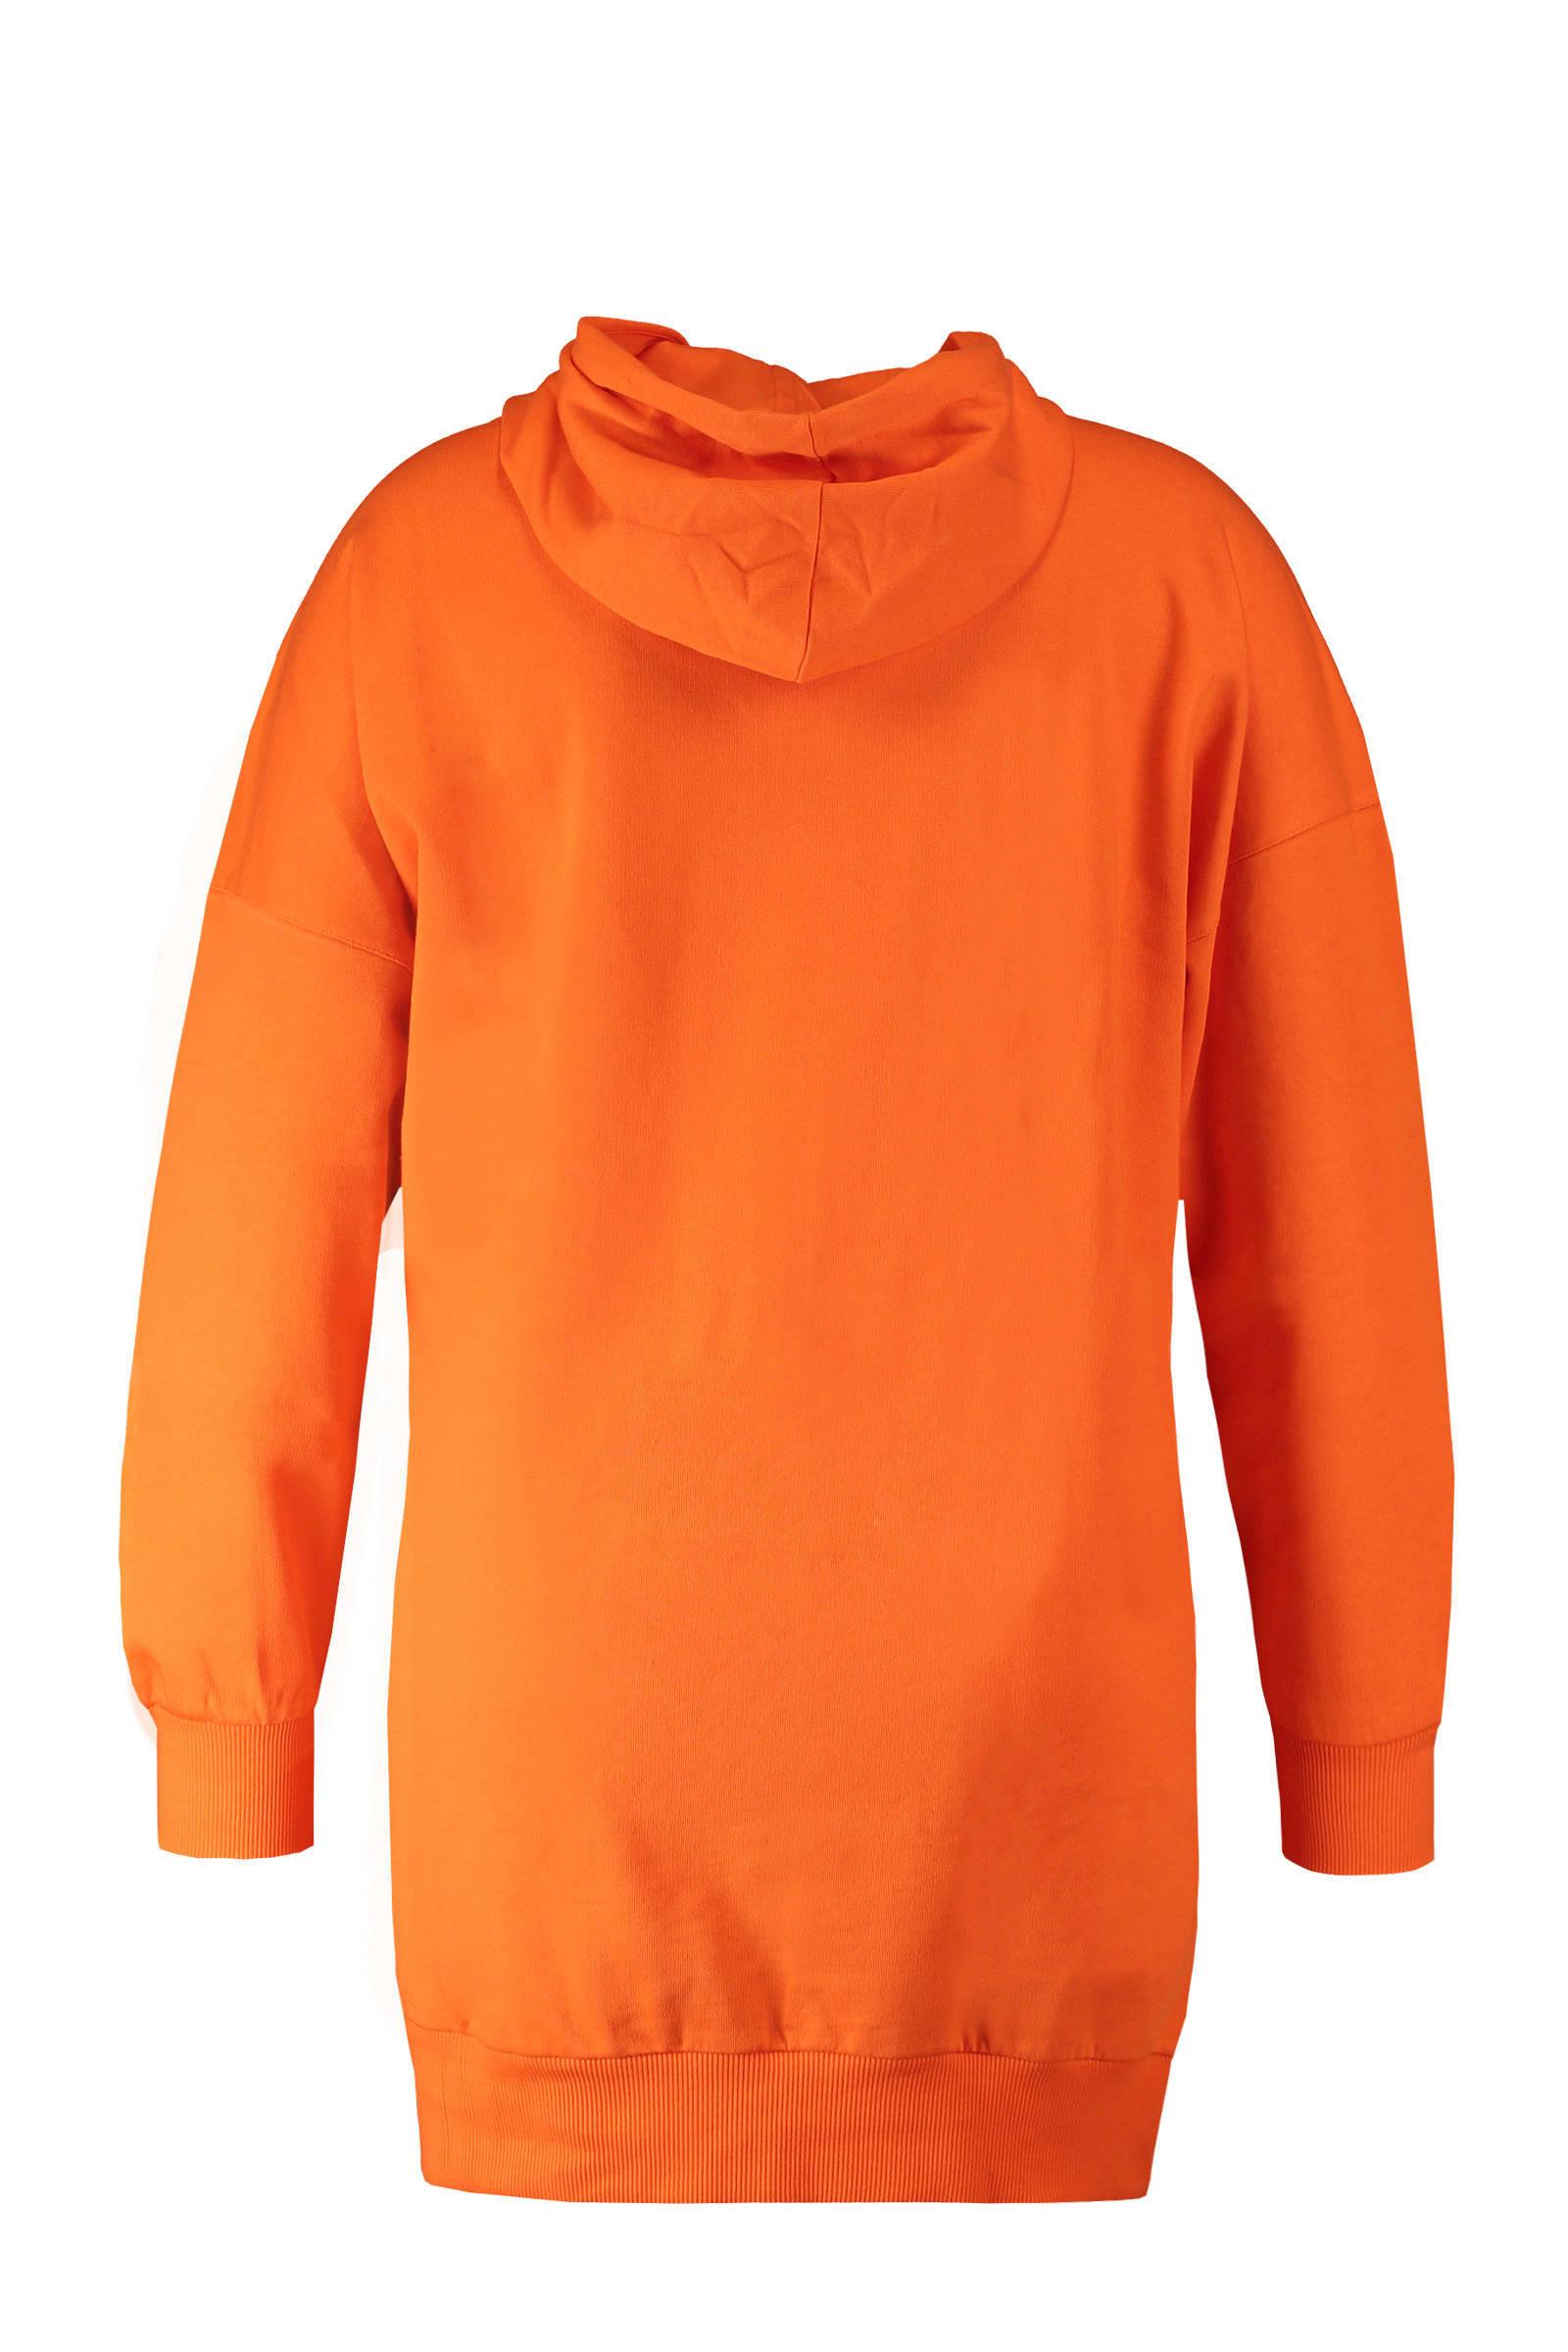 Oranje Trui.Some Lange Trui Oranje Wehkamp